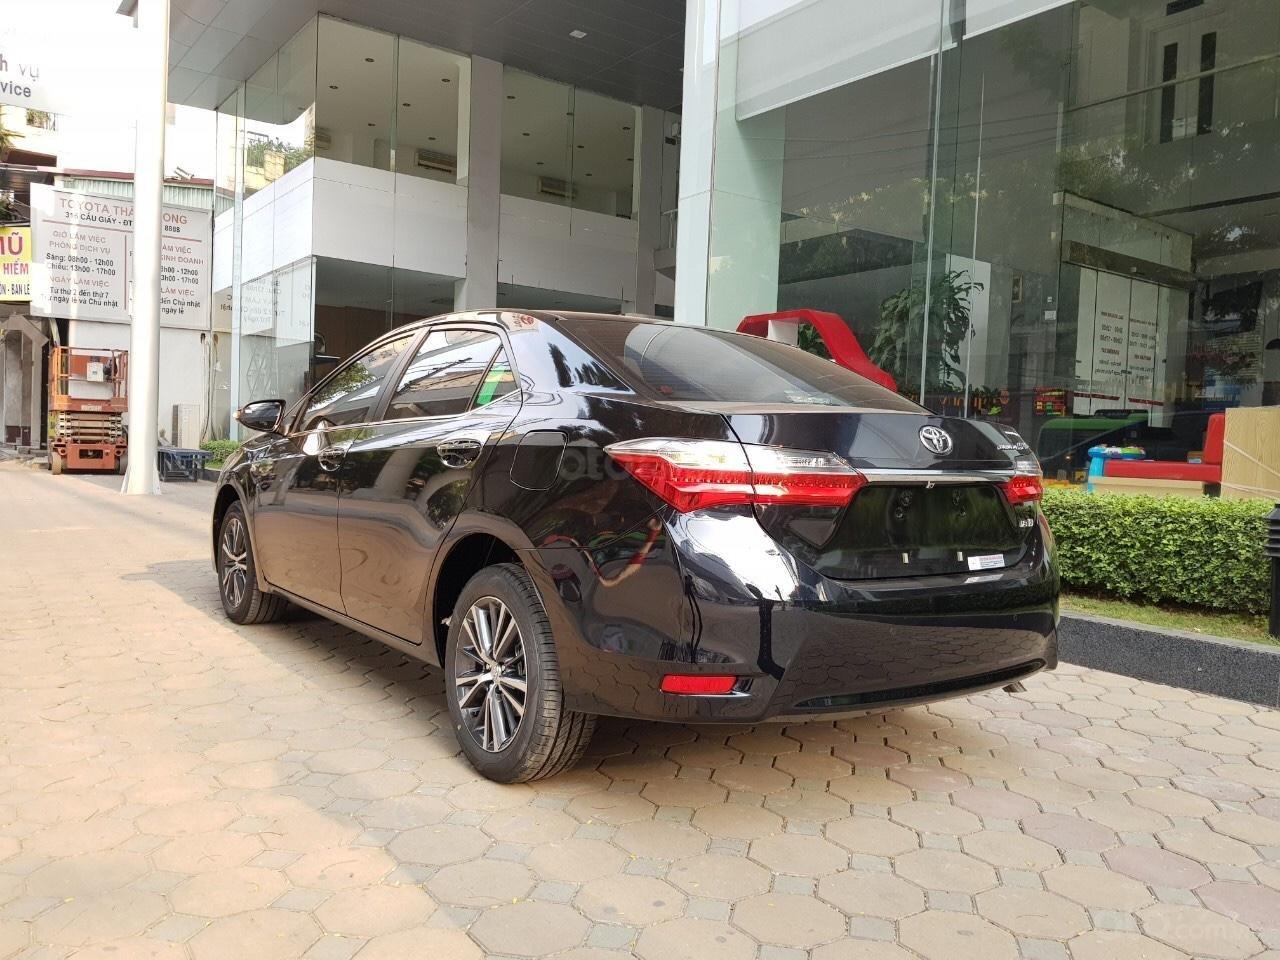 Khuyến mại tốt dành cho Toyota Altis G 2019, hỗ trợ trả góp lên đến 90% giá trị xe. Hotline 0971 123 125-2